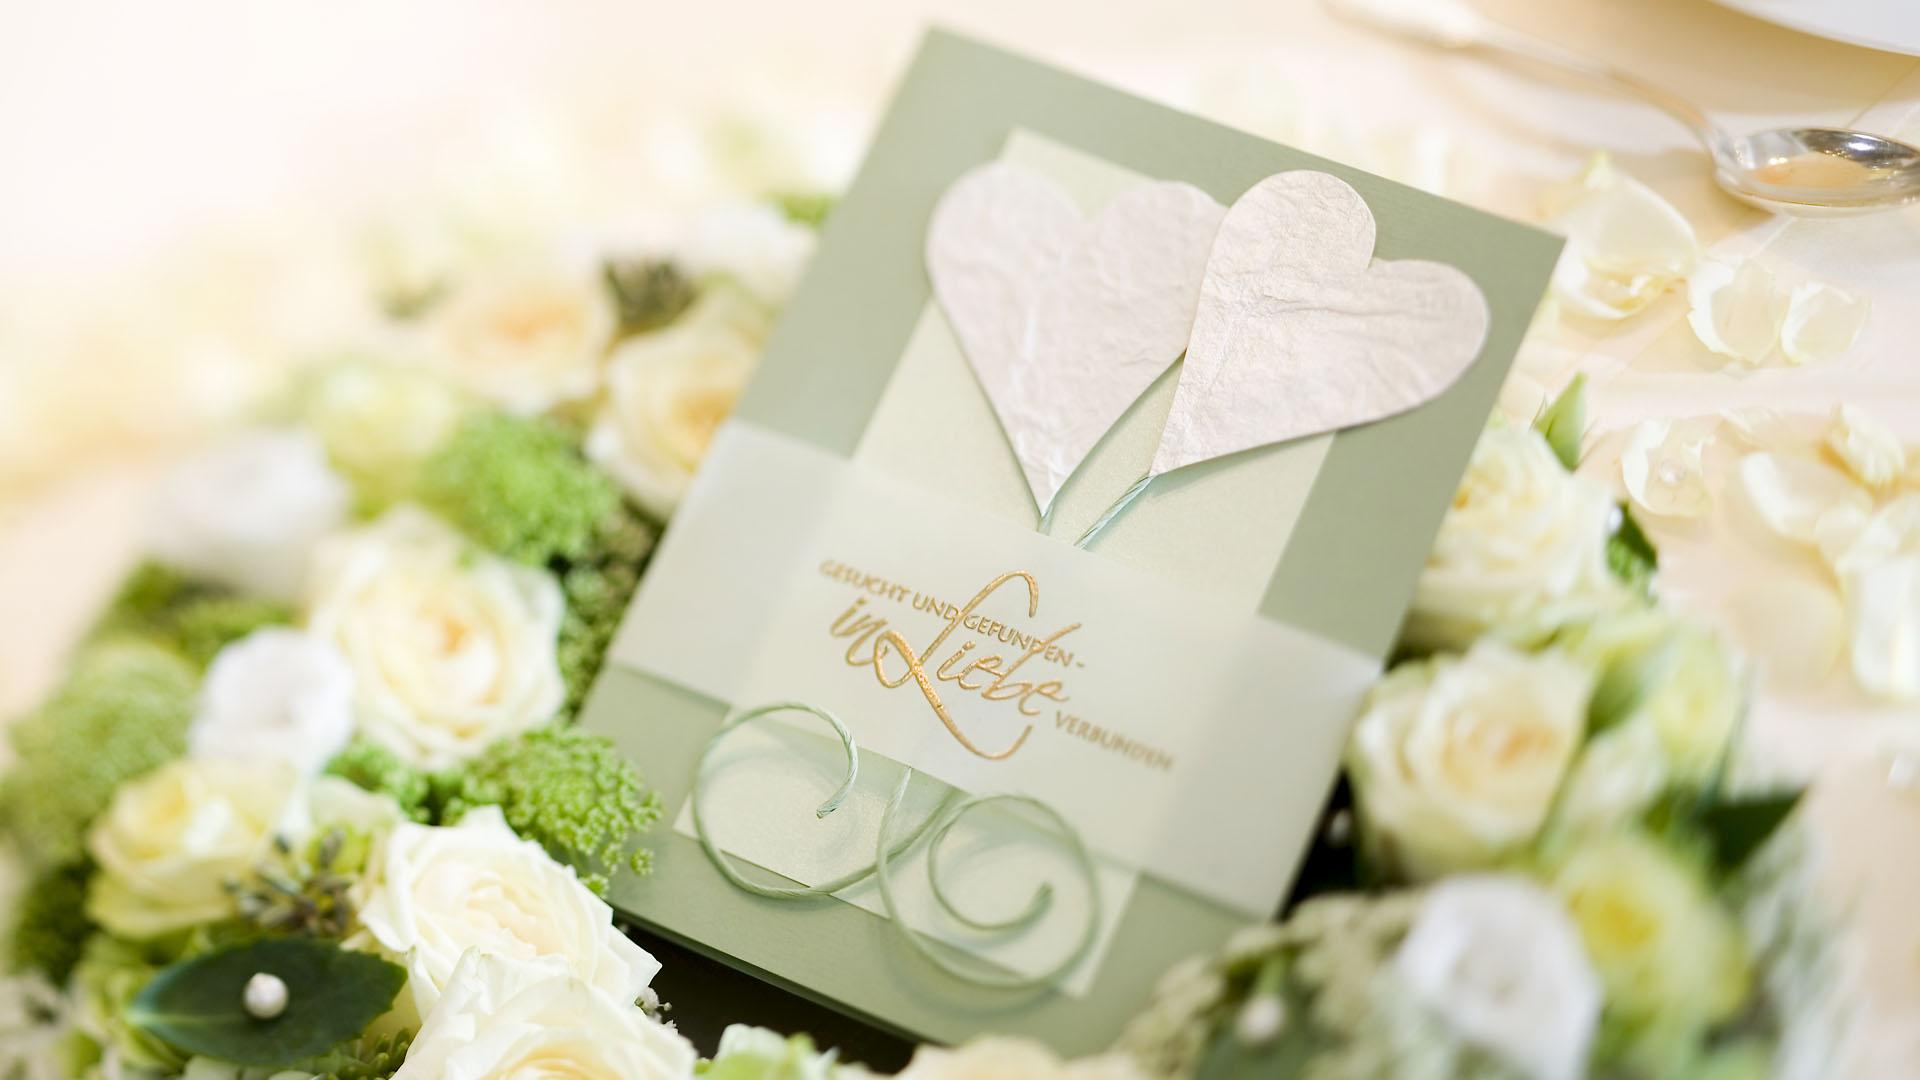 Ideen für Hochzeiten: Gesucht und gefunden | Einladung